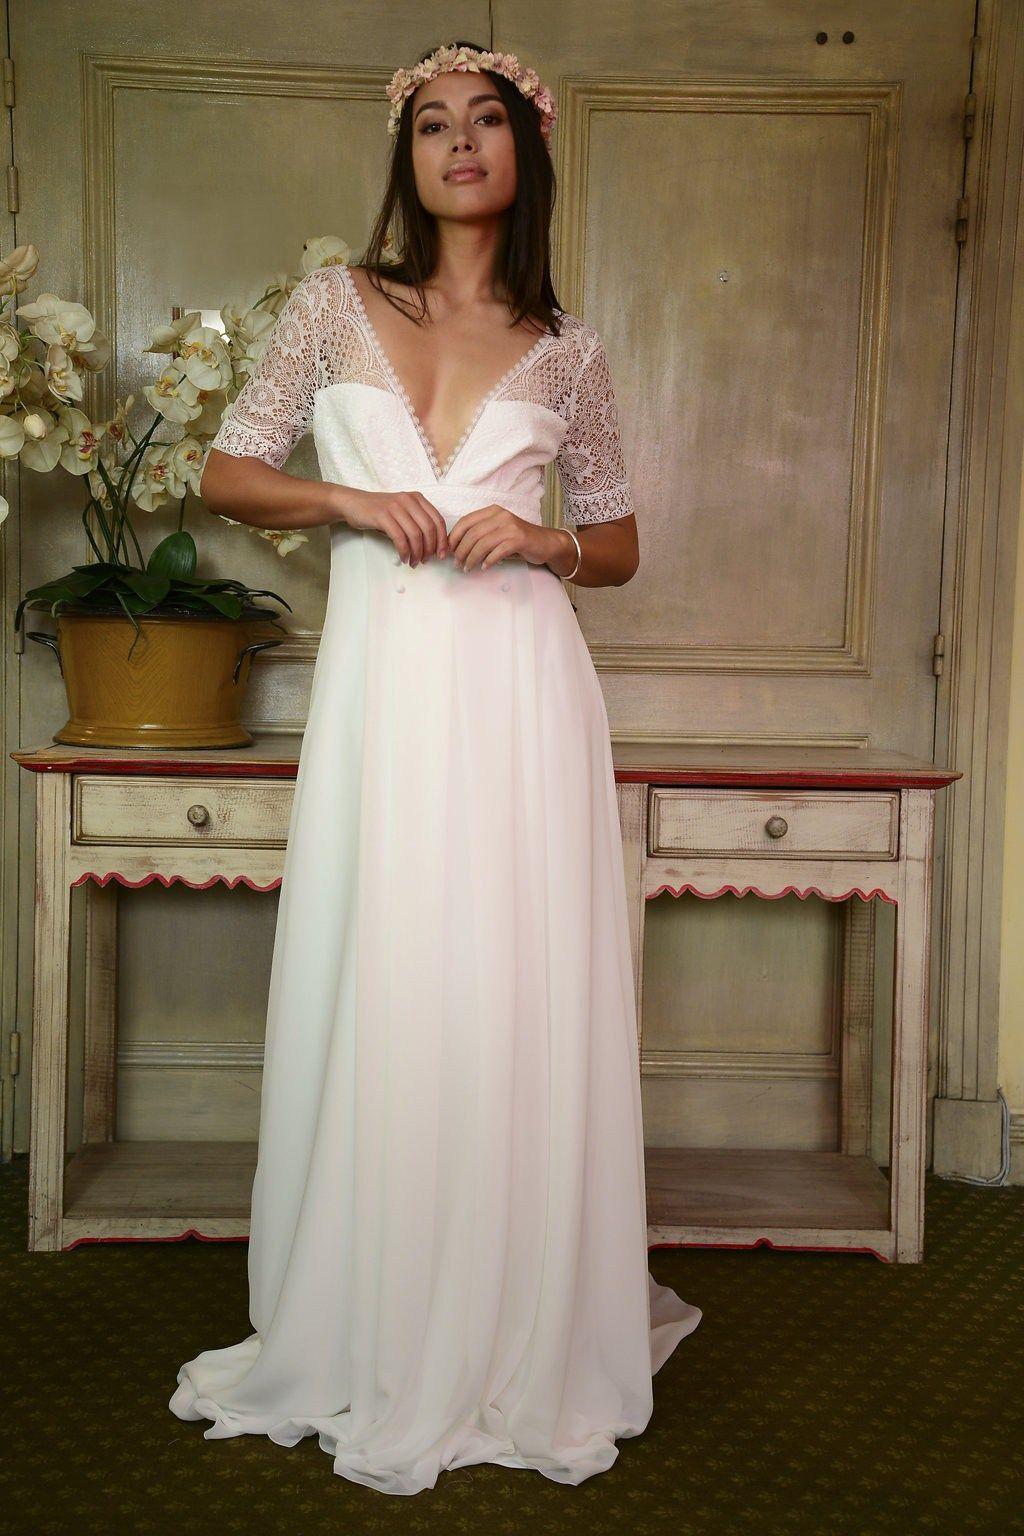 Photos - Coup de cœur : 50 robes de mariée tendance en